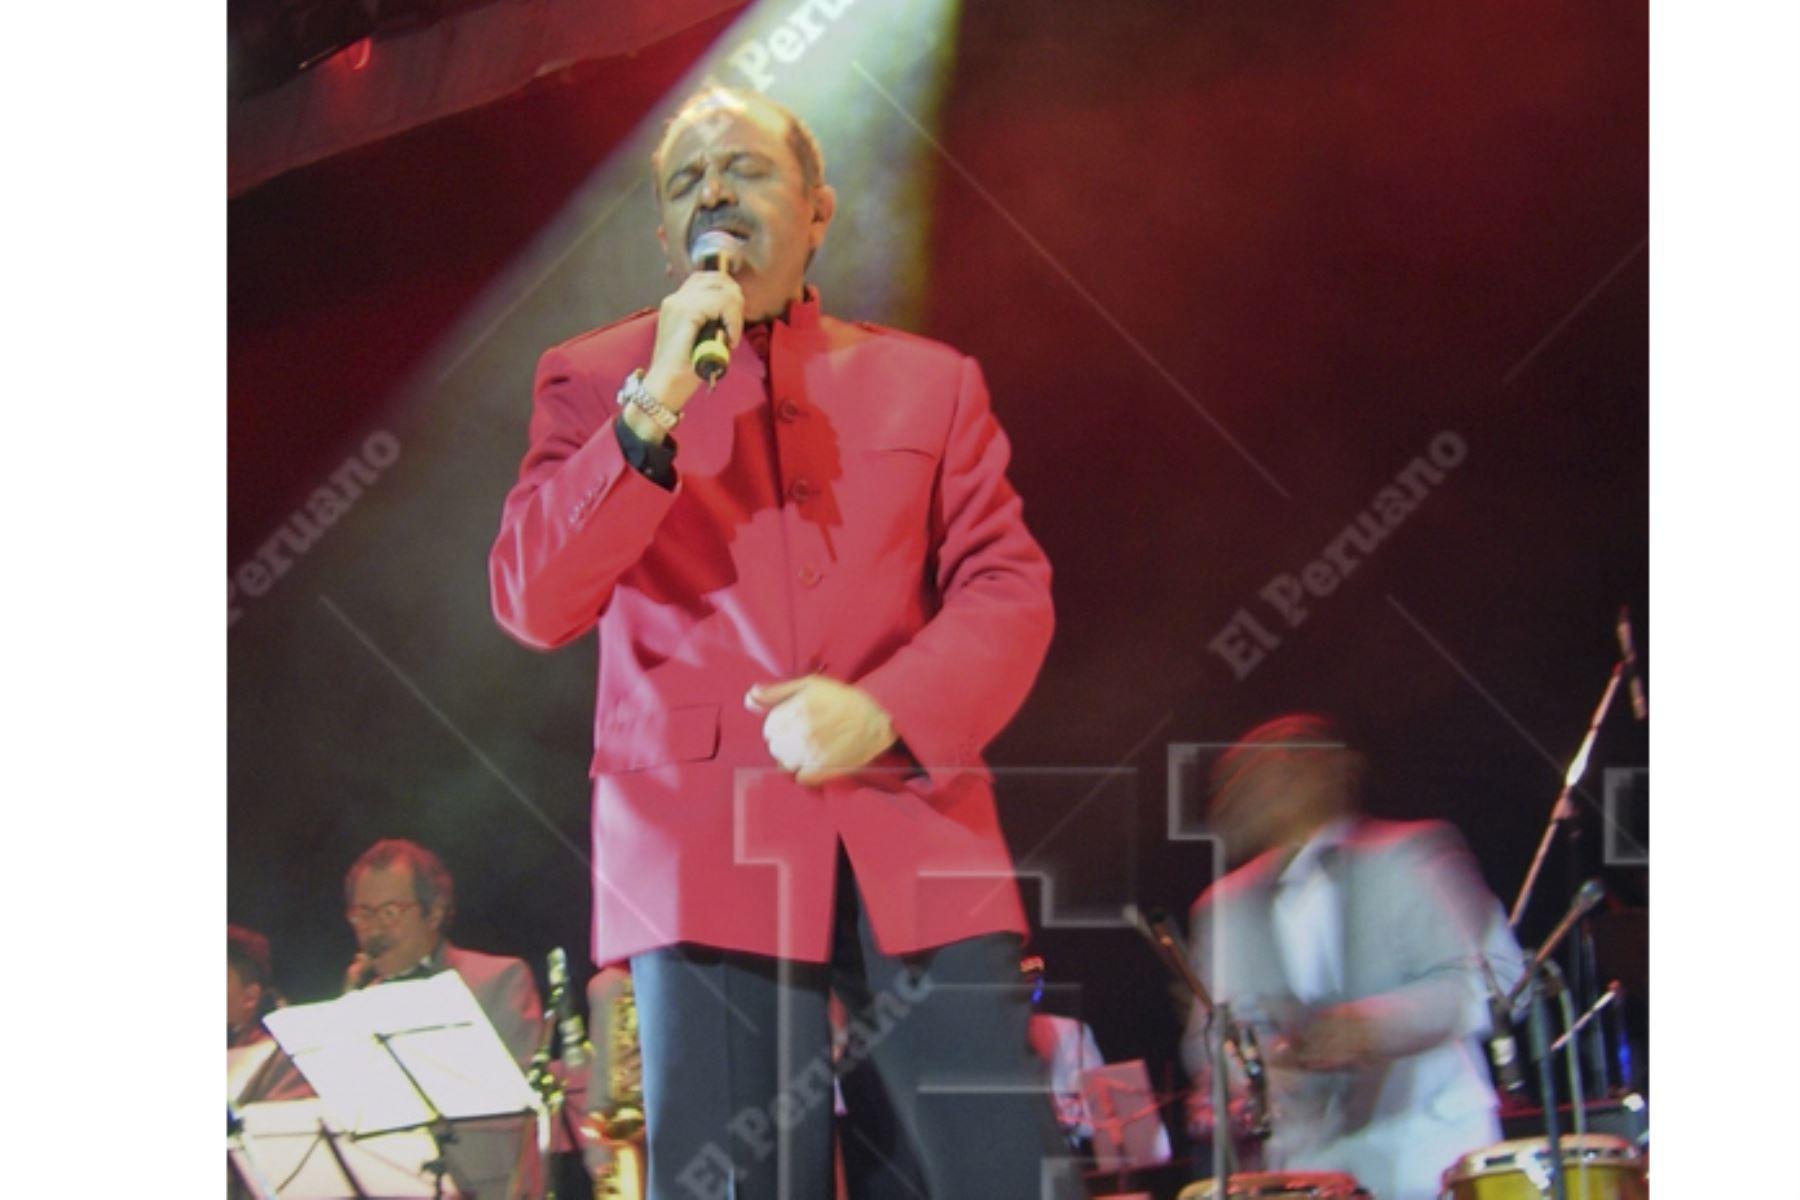 """Lima- 27 setiembre 2006 / Gerardo Manuel, musico peruano, y rockero de gran trayectoria, conductor del programa de TV """"Disco Club""""l  en la década del 70.Foto:ANDINA/Archivo"""